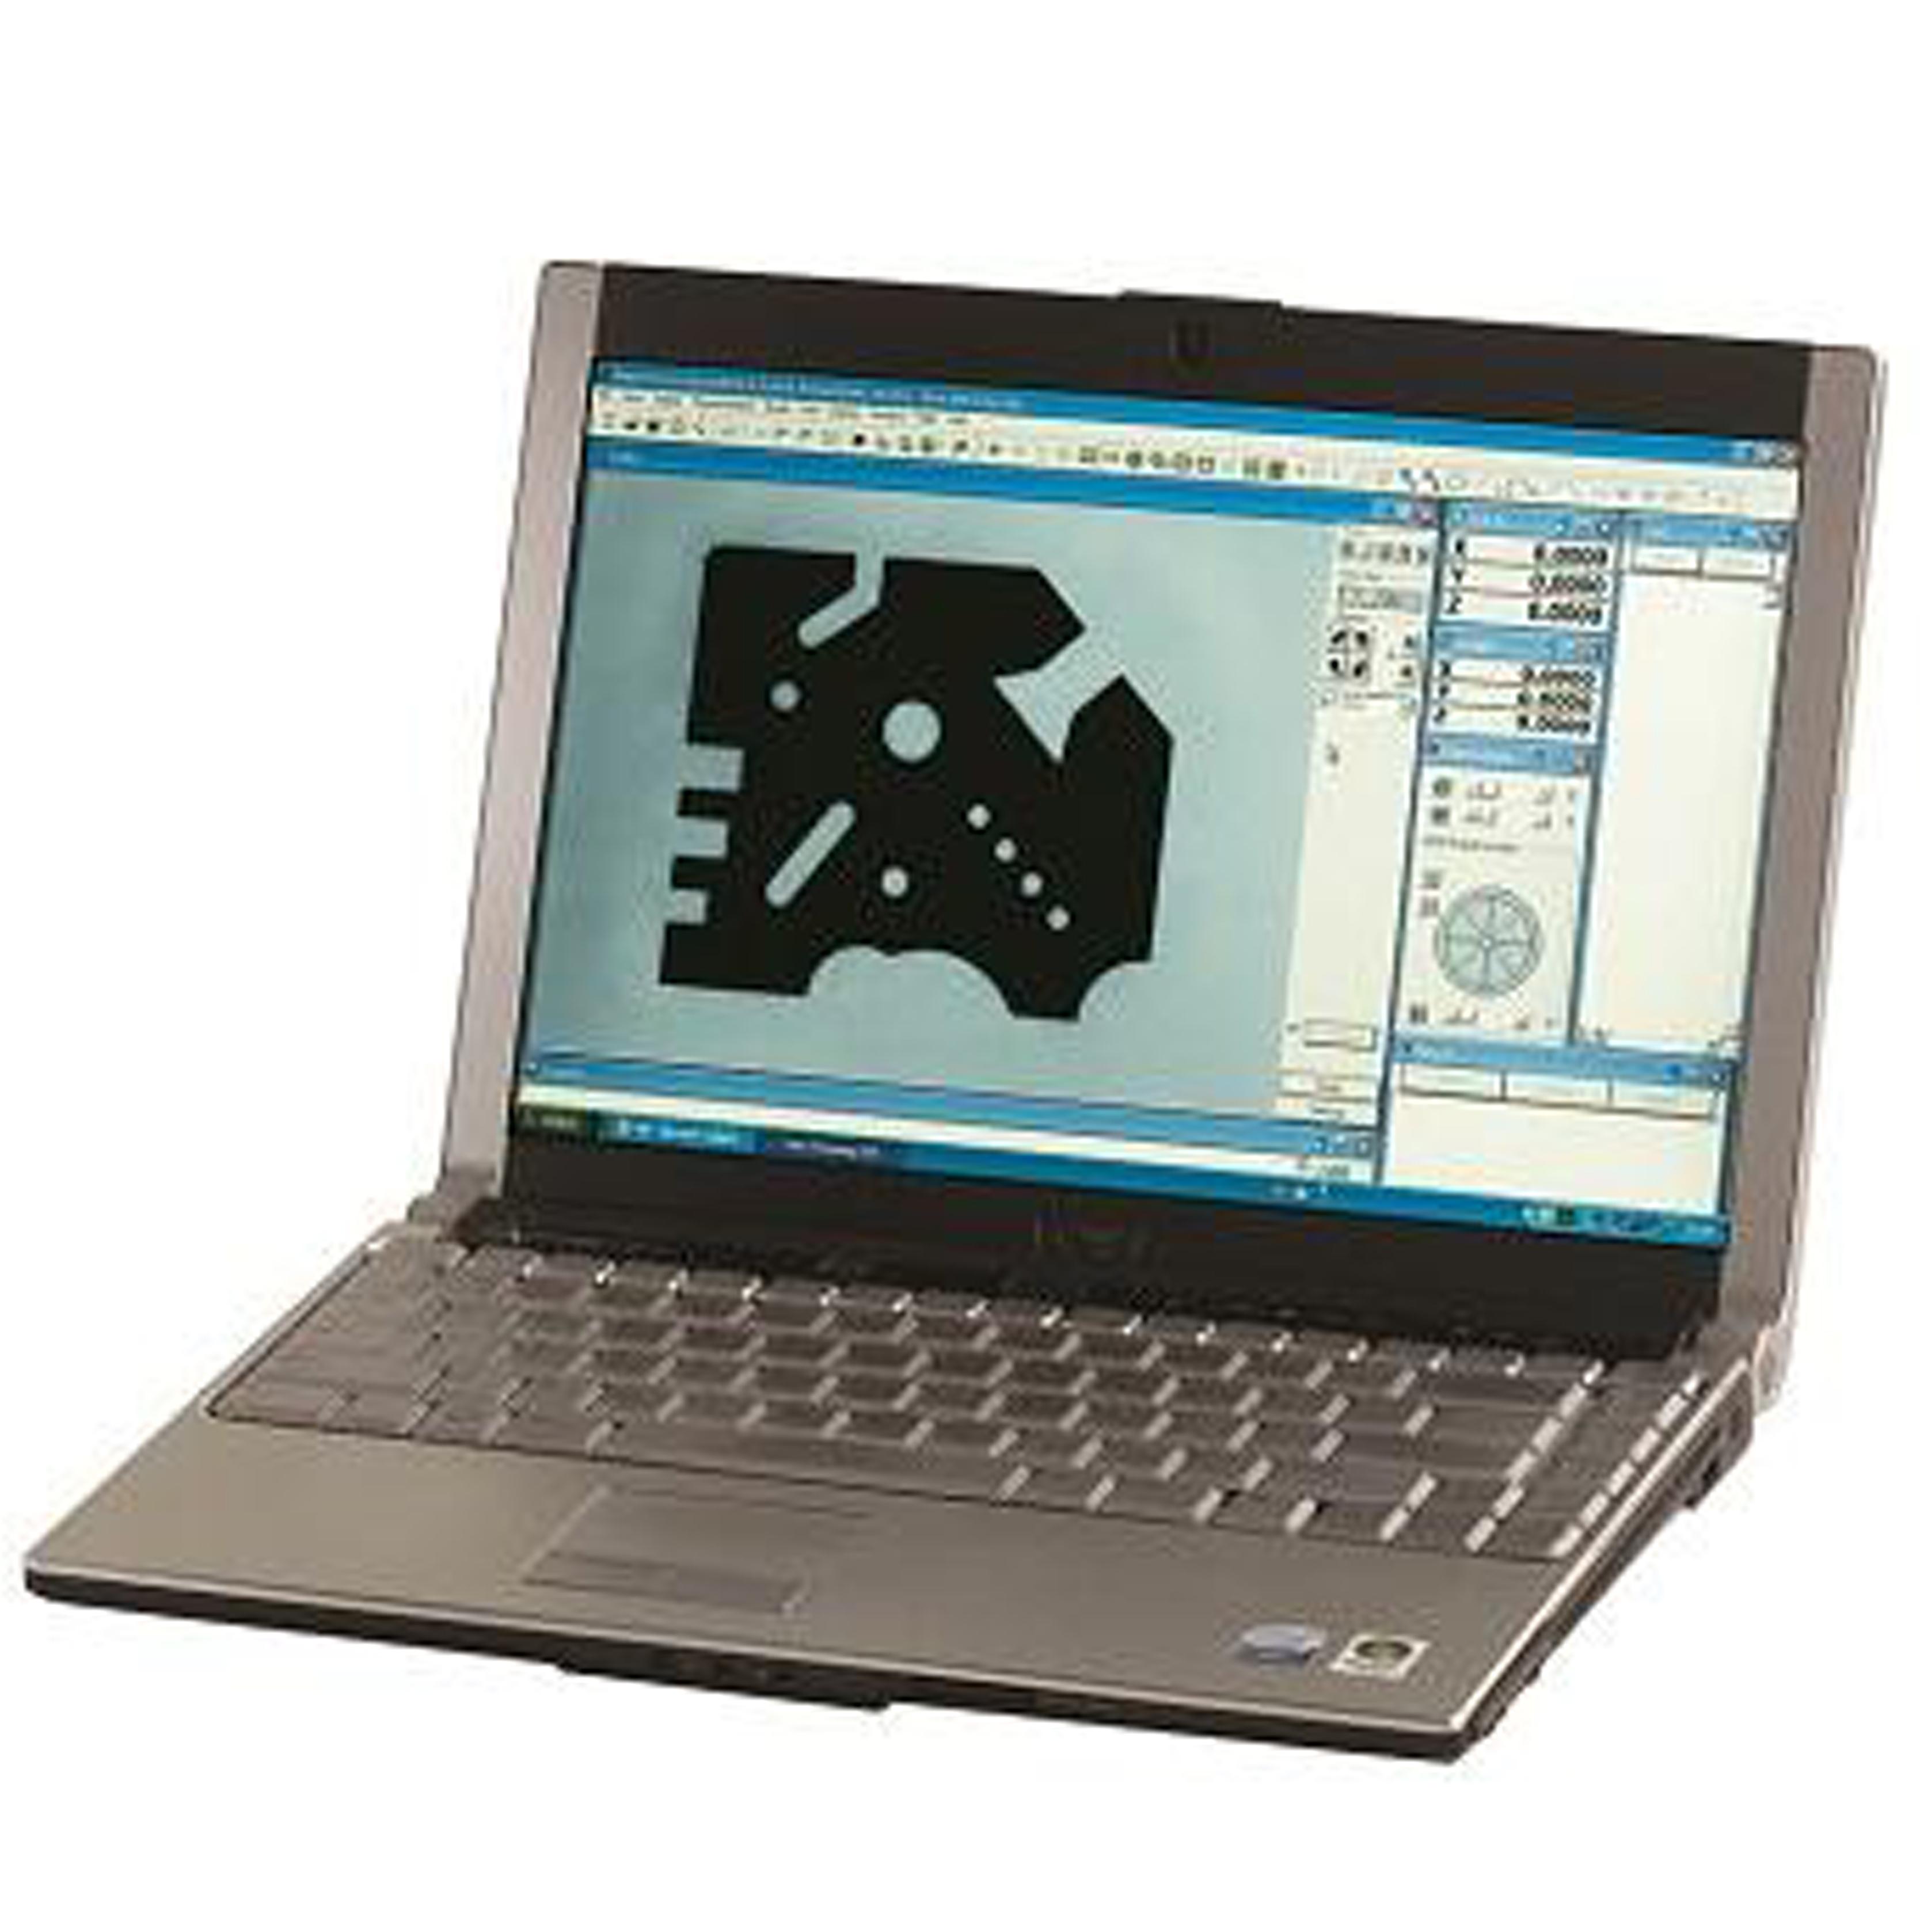 Software E-Max